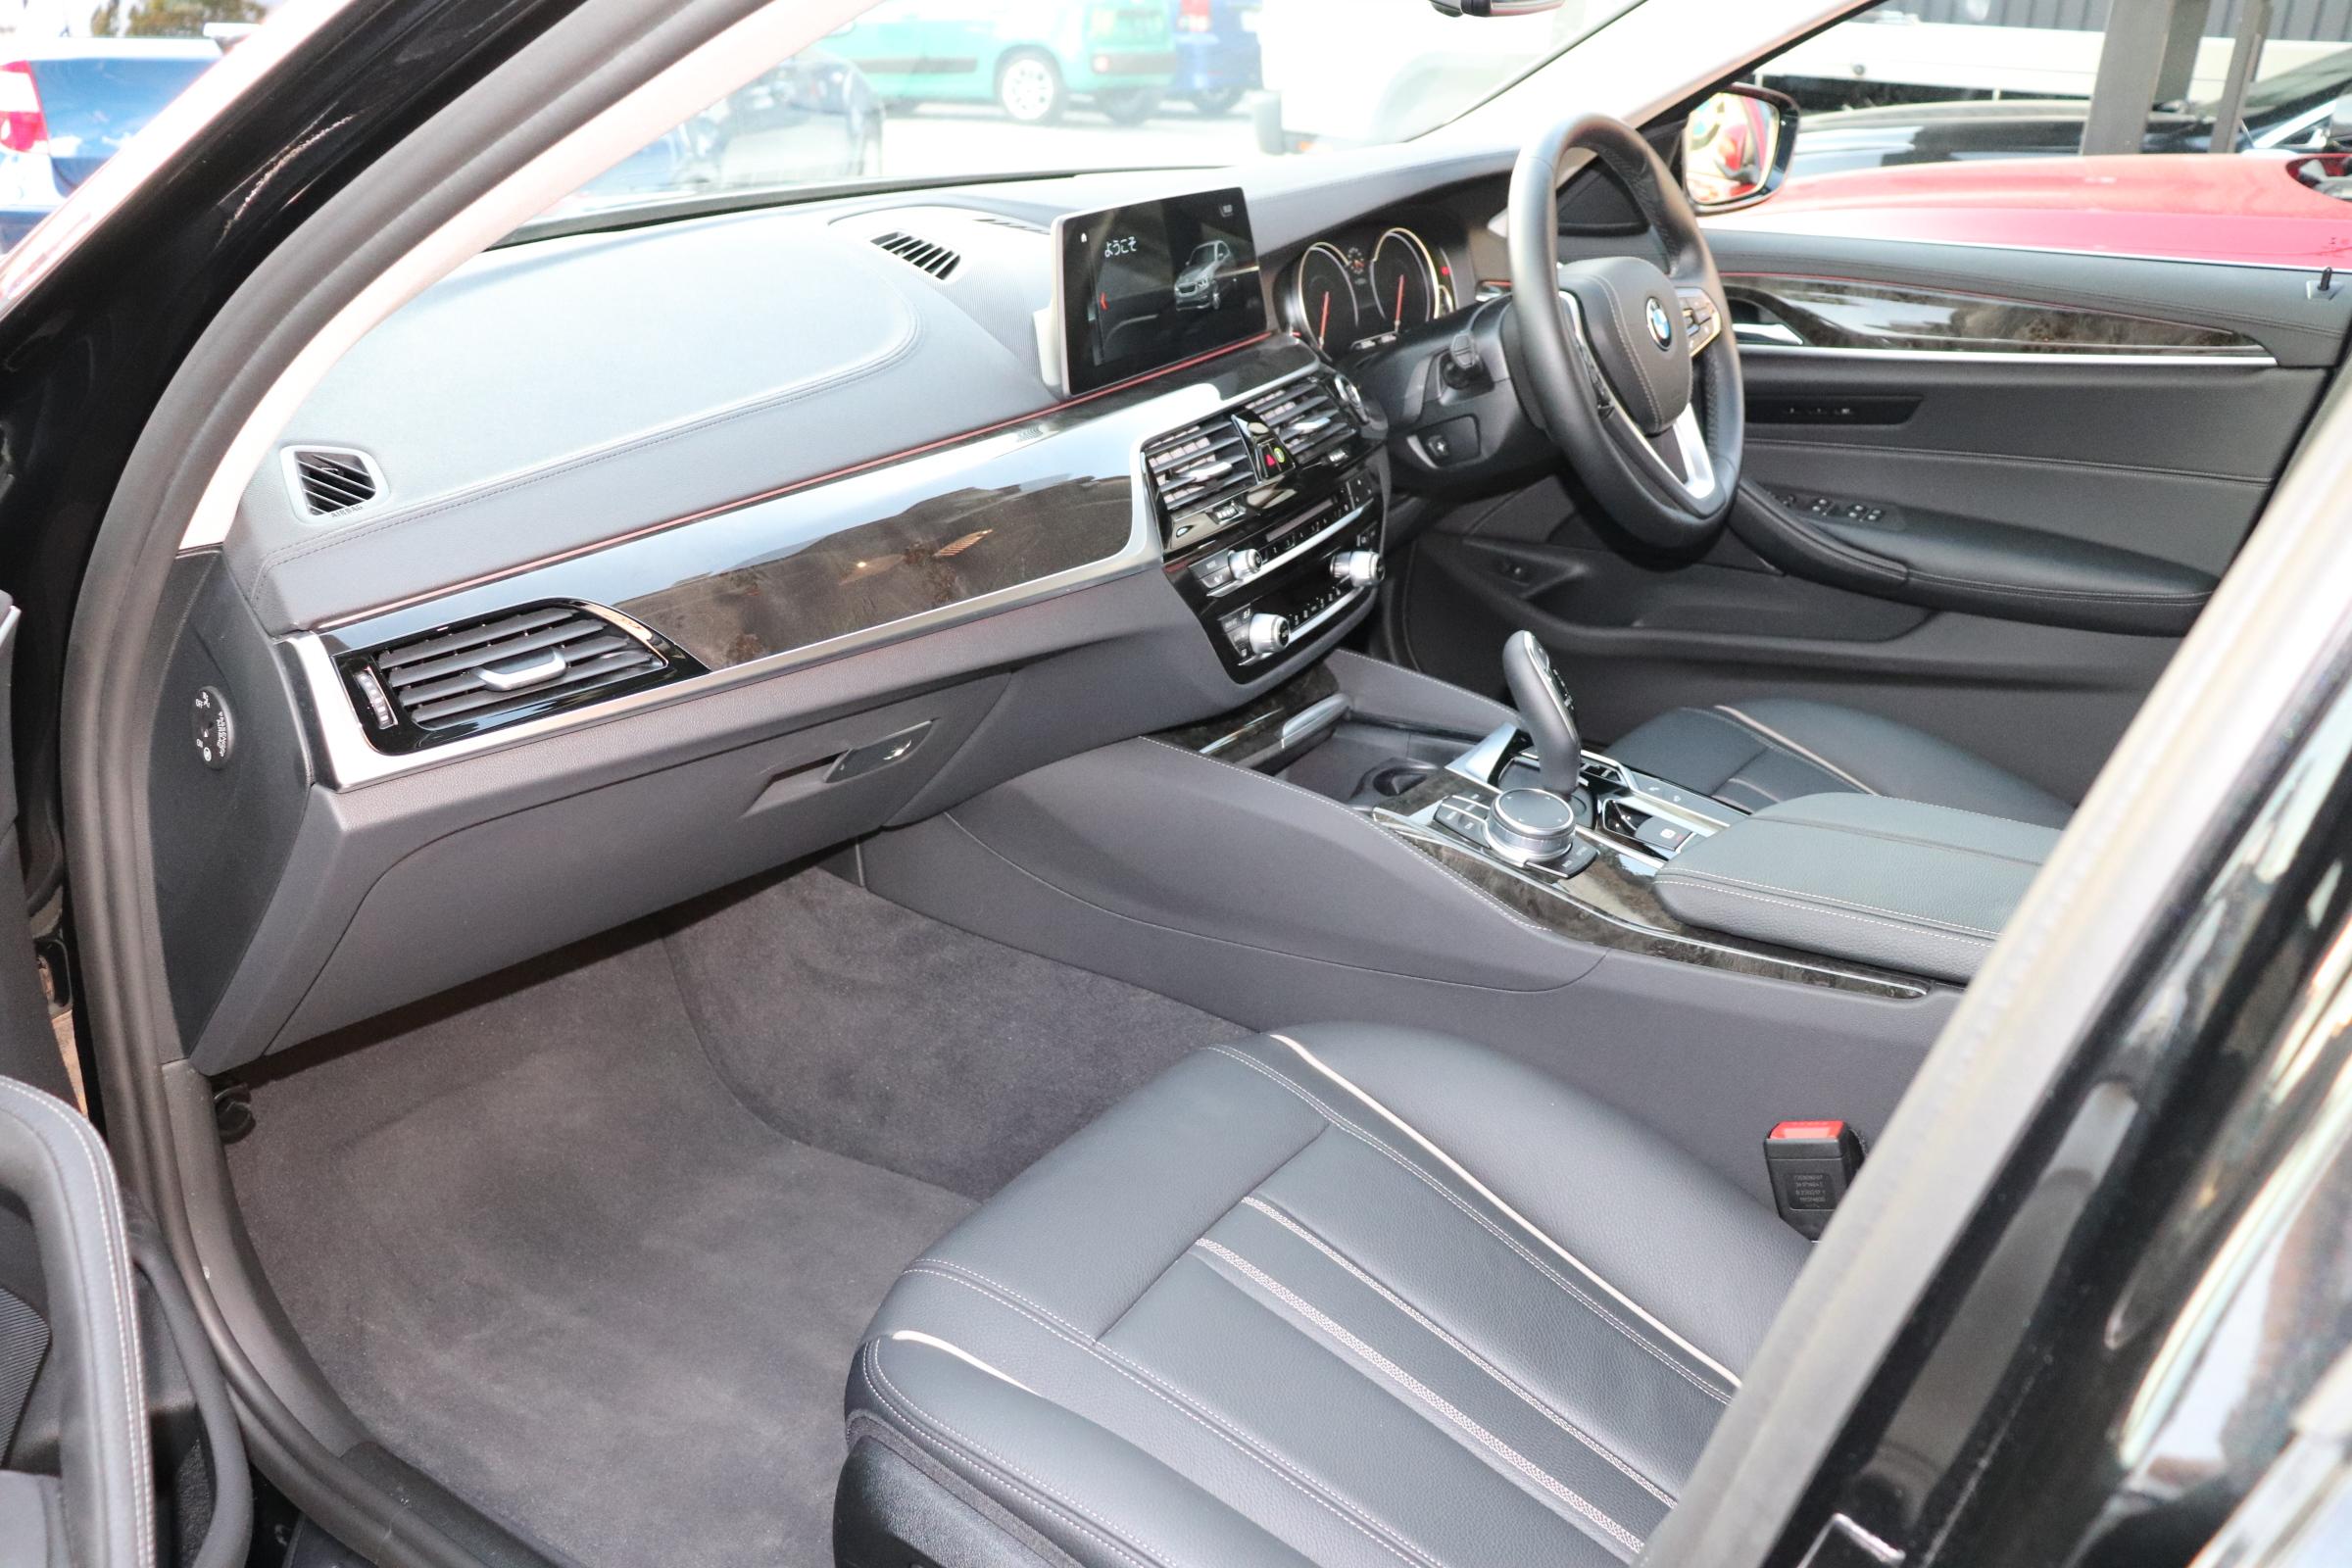 530iラグジュアリー BEAMコンプリートカー ブラックレザー 4本マフラー車両画像12